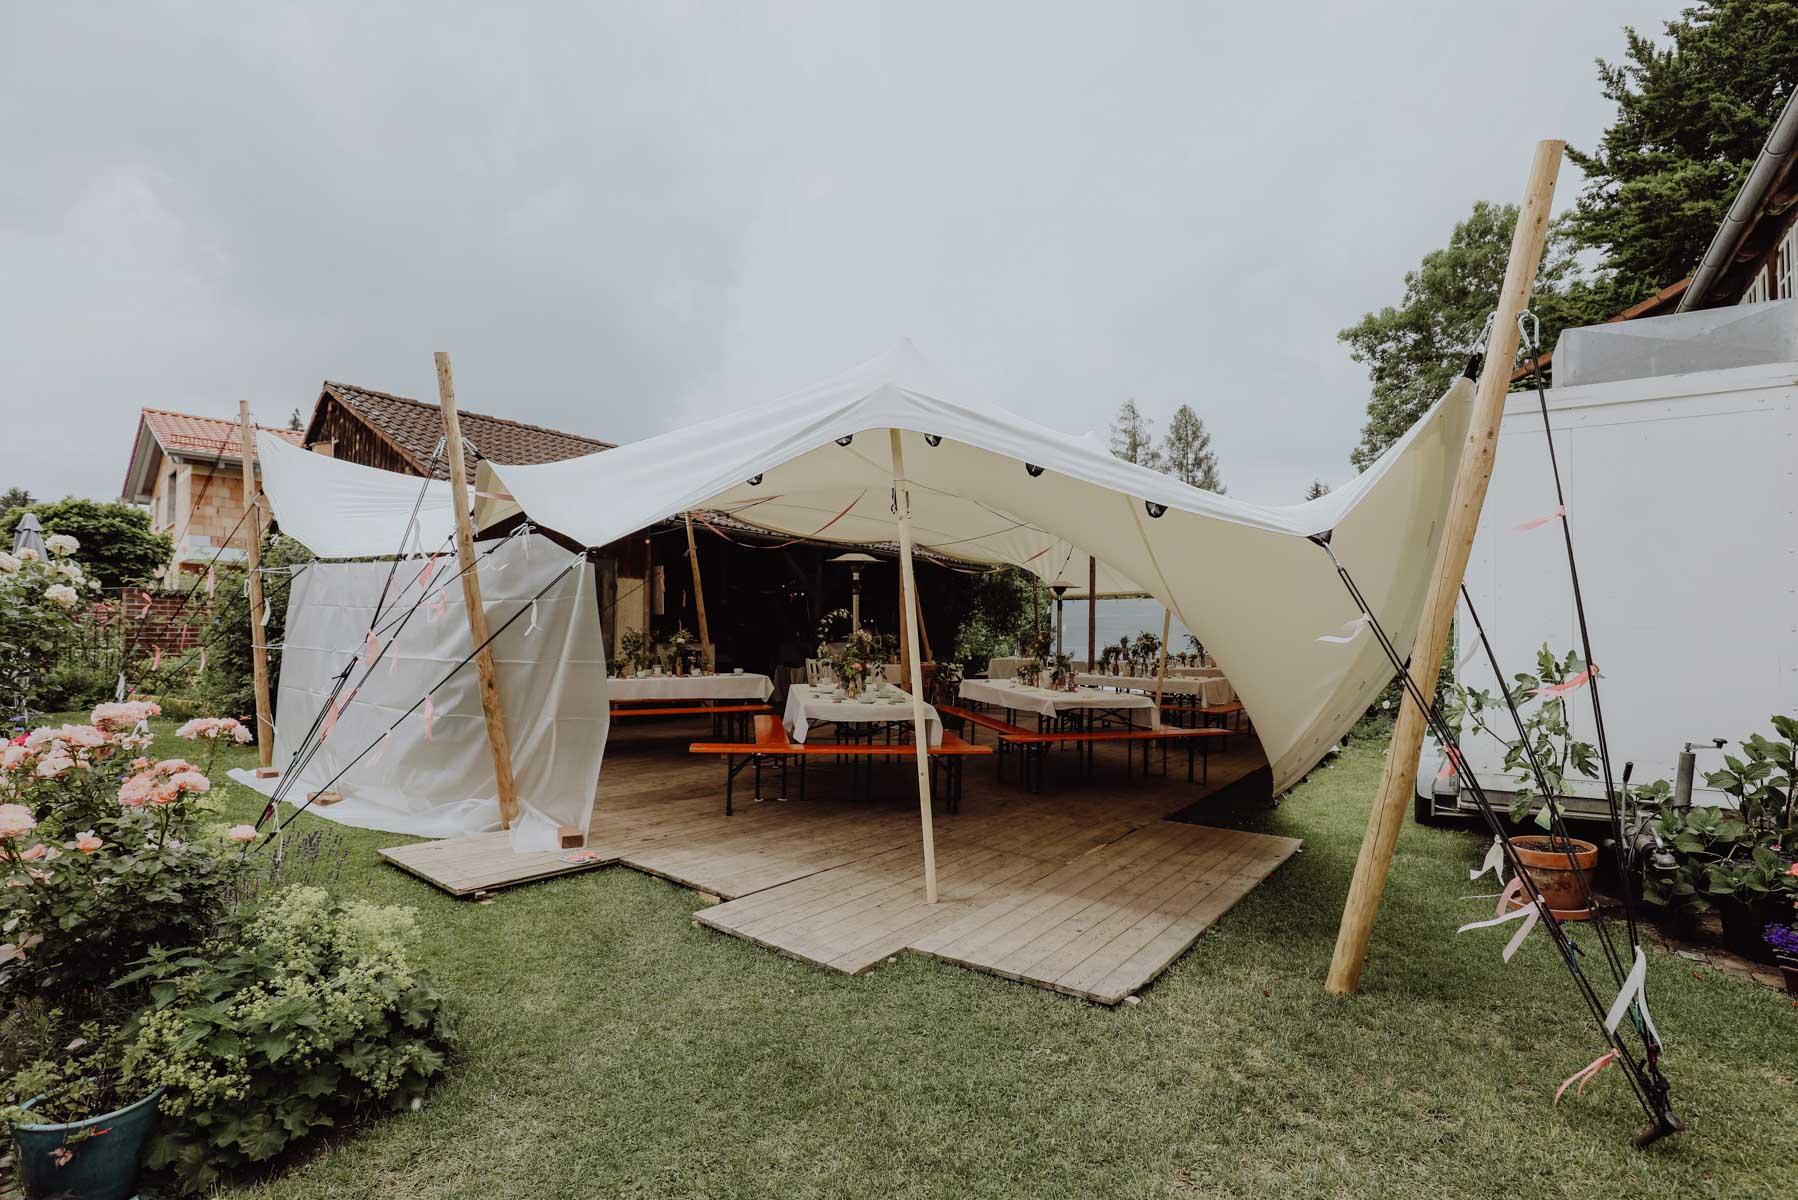 Zelt auf einer Wiese